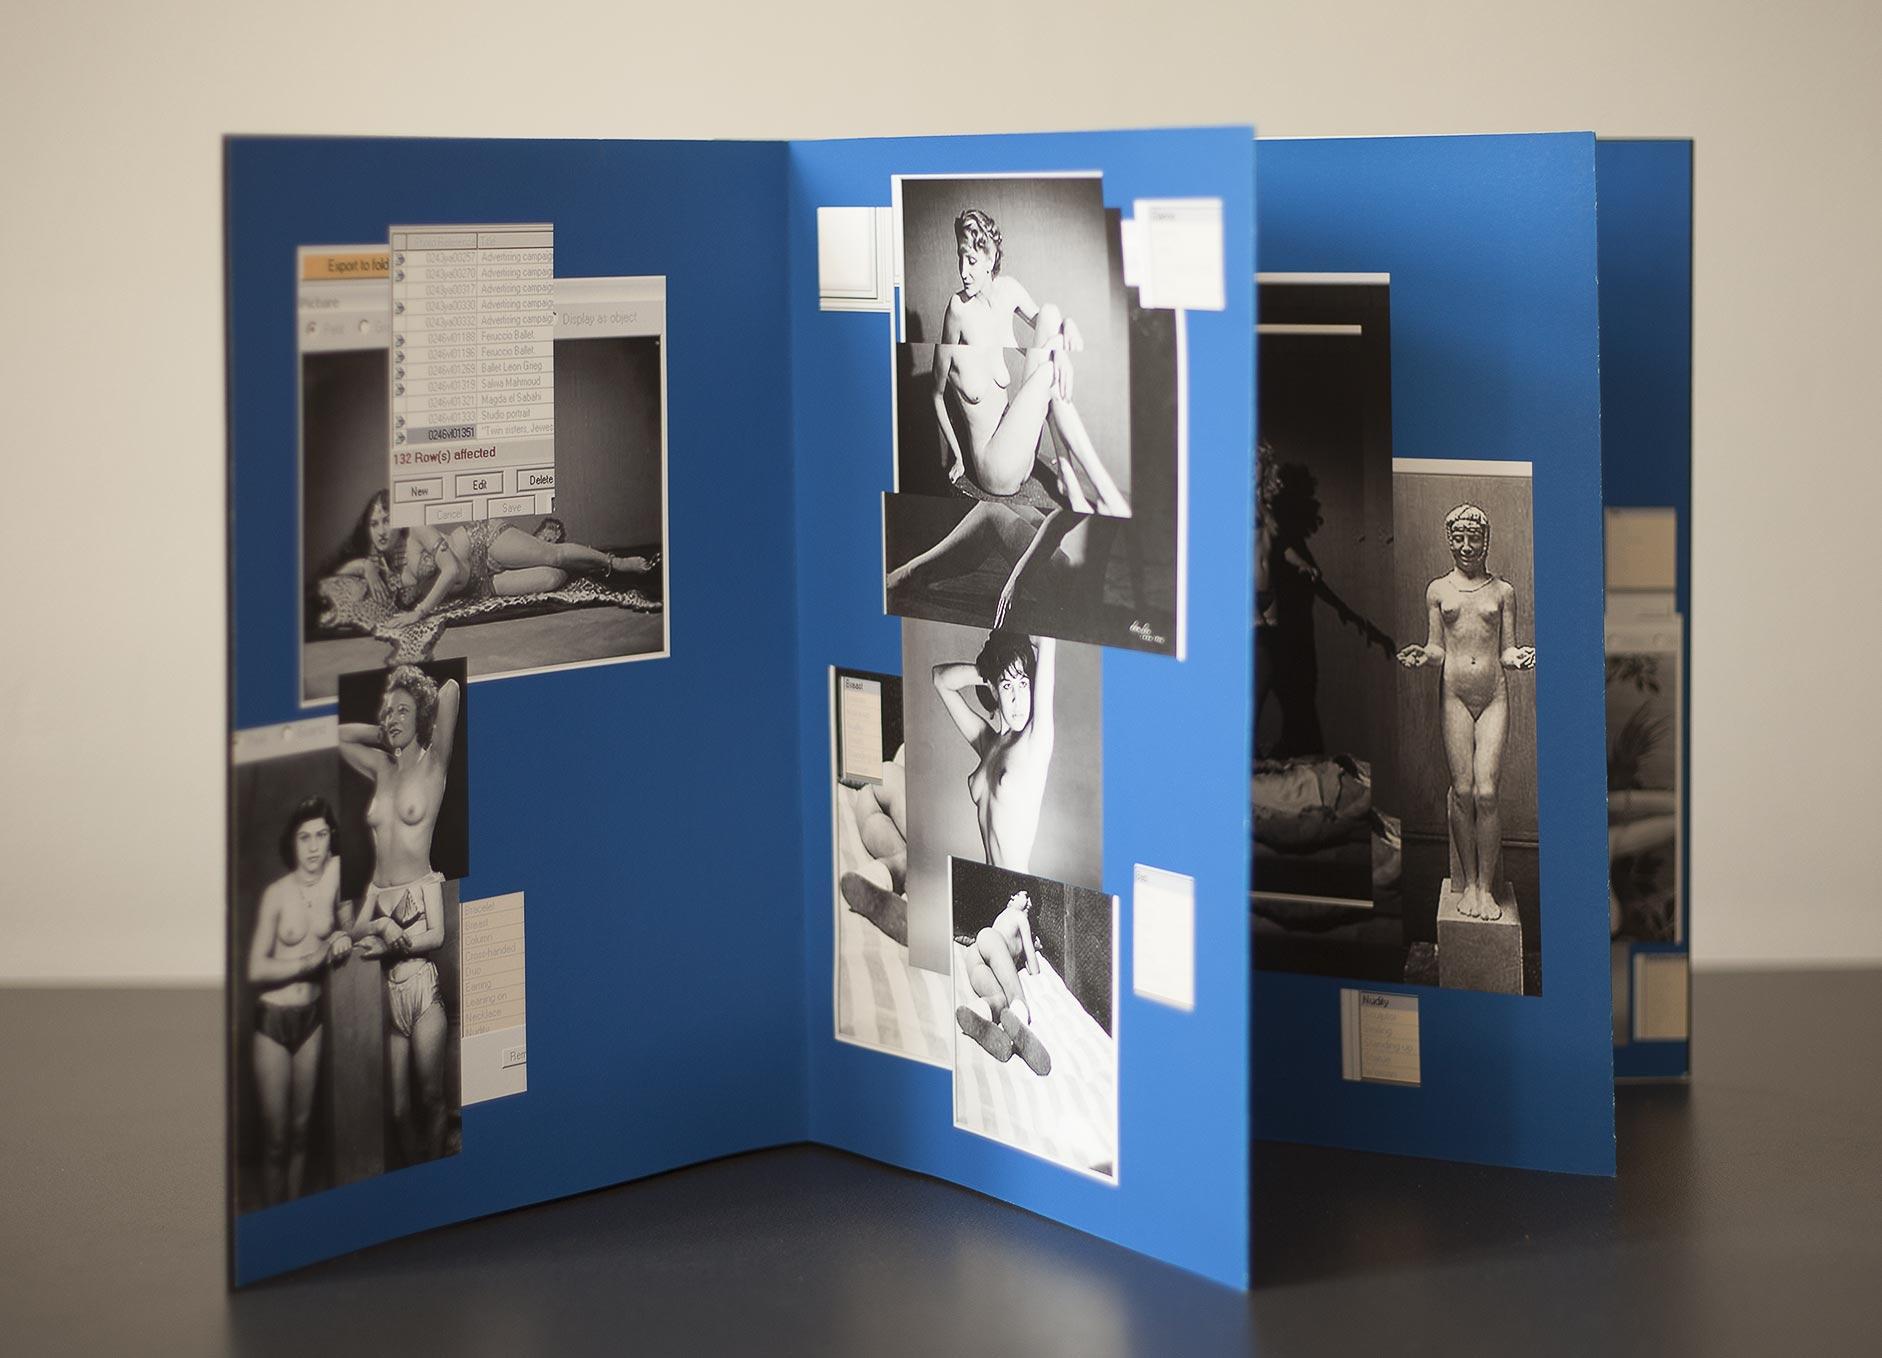 msdm-studio-sexndatabase-book-06